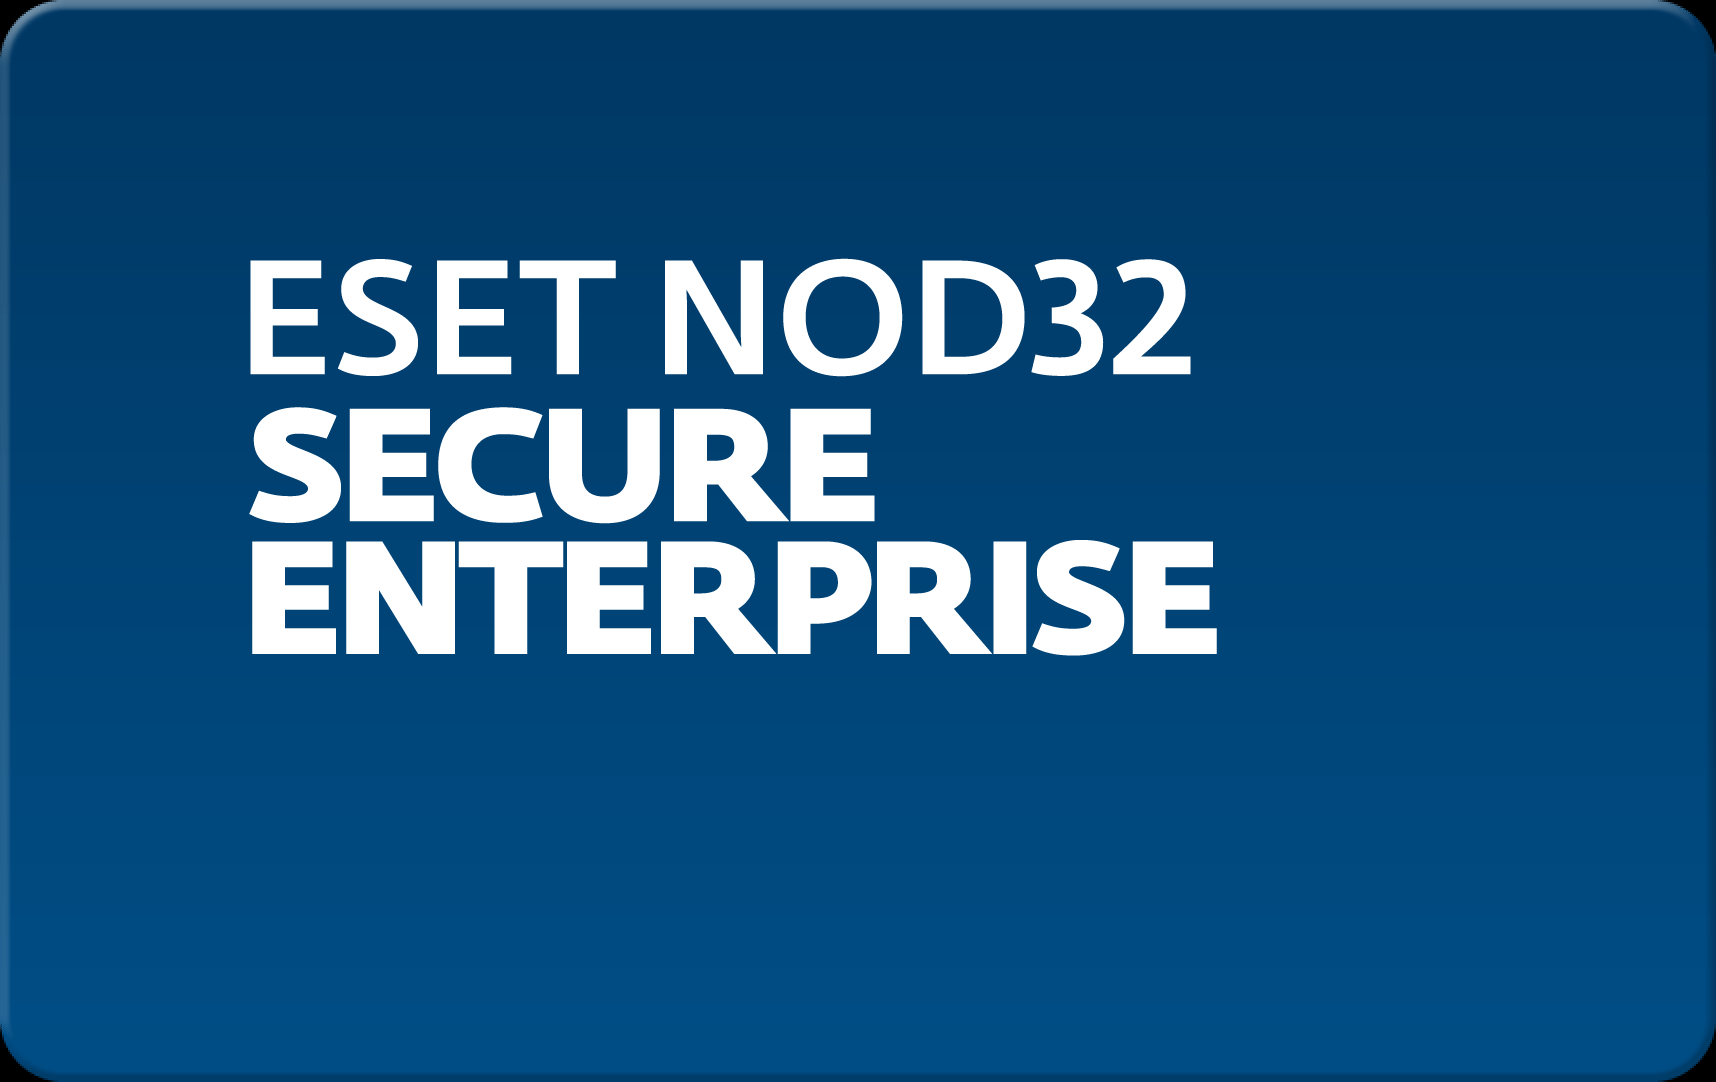 Кроссплатформенная антивирусная защита всех узлов корпоративной сети Eset NOD32 Secure Enterprise  для 65 пользователей